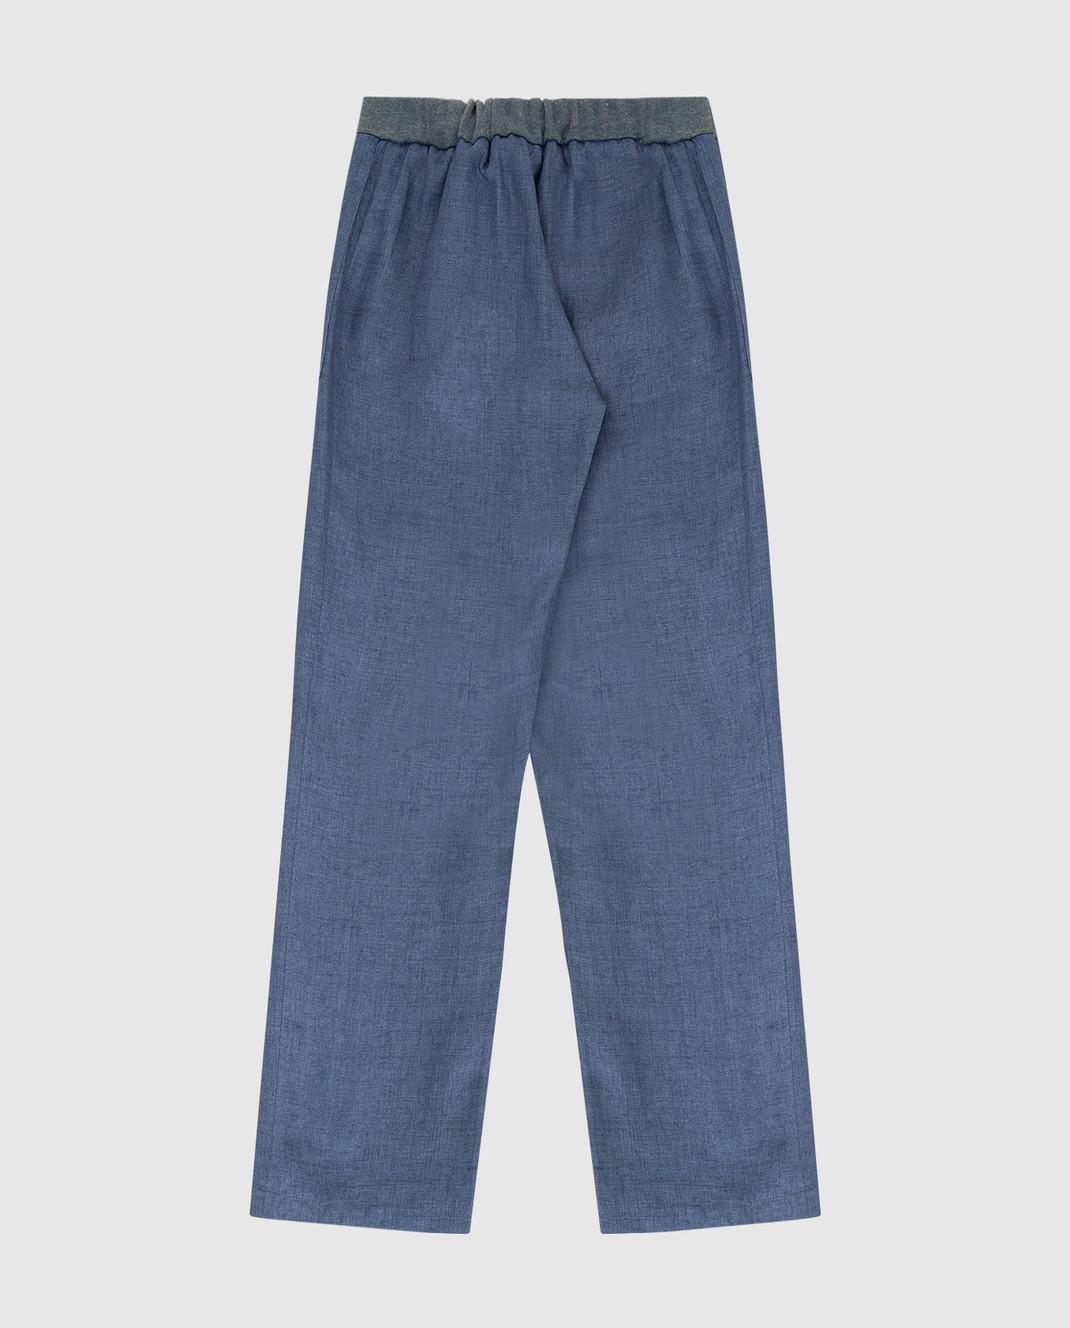 Loro Piana Детские синие брюки из льна F1FAI0756 изображение 2